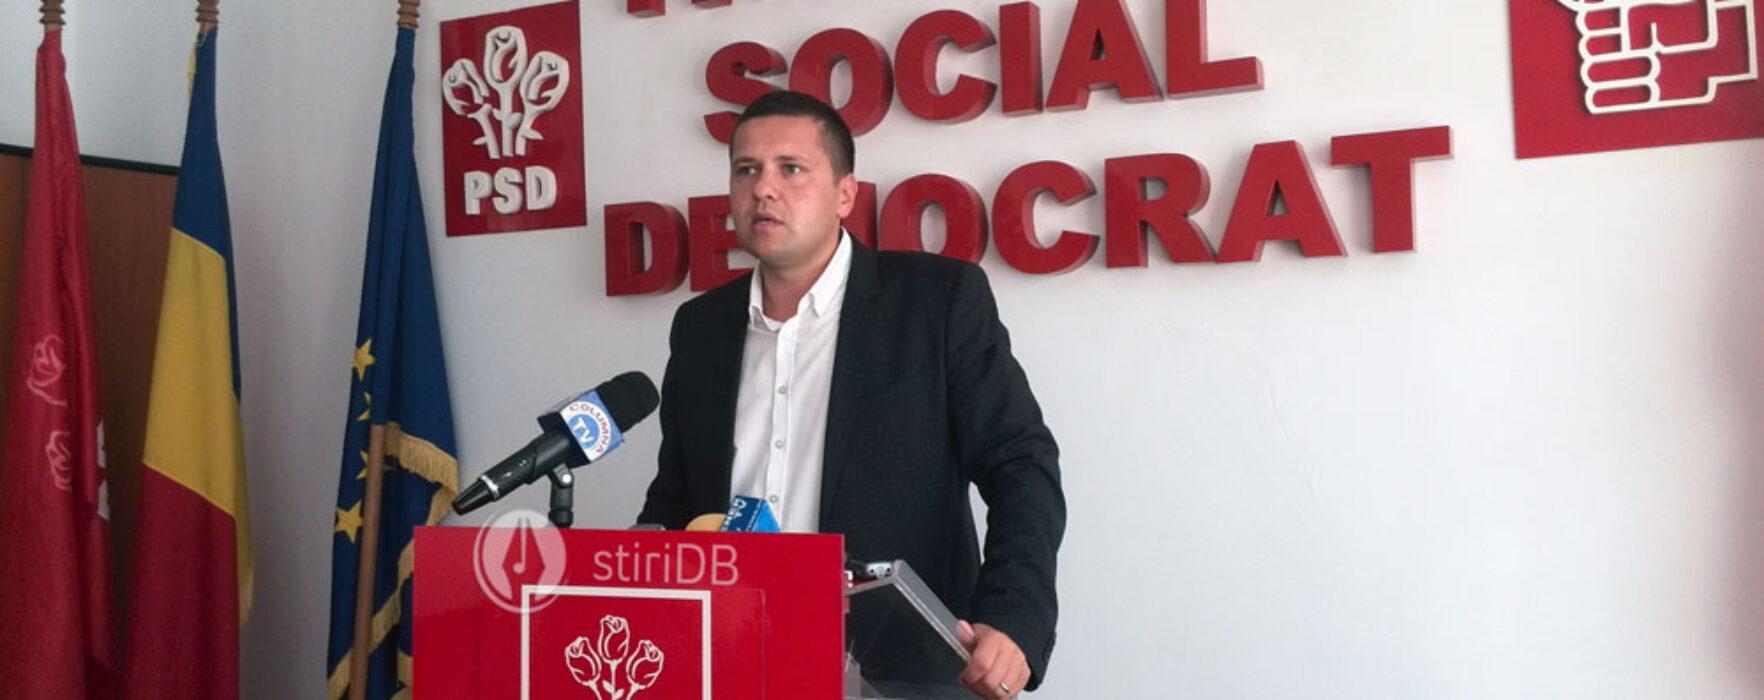 Deputatul Corneliu Ştefan şi-a dat demisia din funcţia de preşedinte executiv al PSD Dâmboviţa